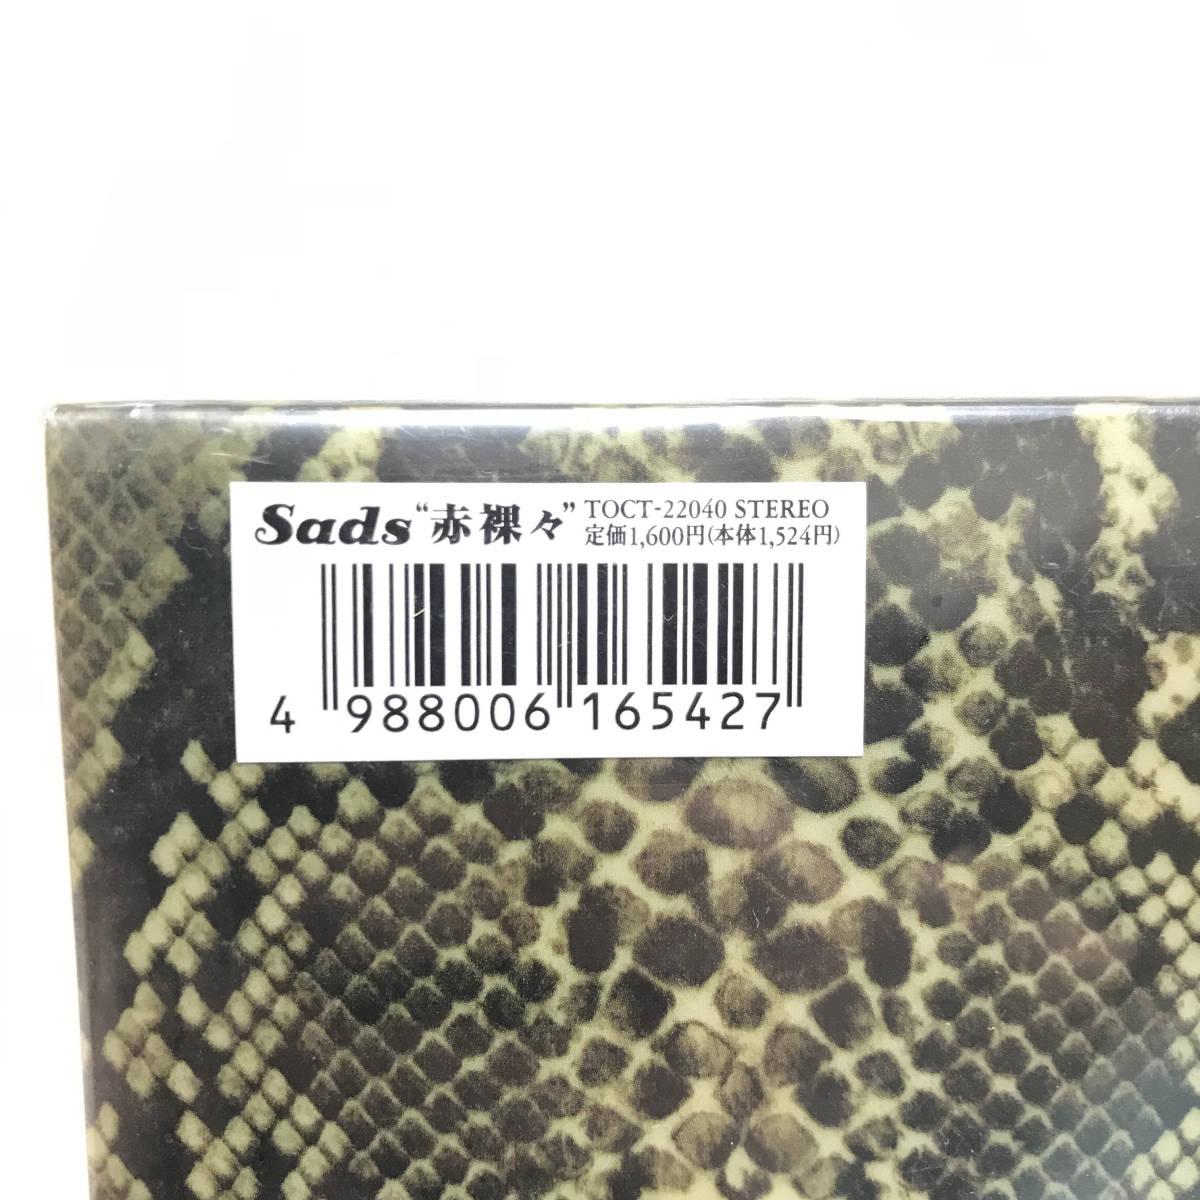 【未開封】 Sads サッズ 赤裸々限定盤 メディア付CD 清春 黒夢_画像4